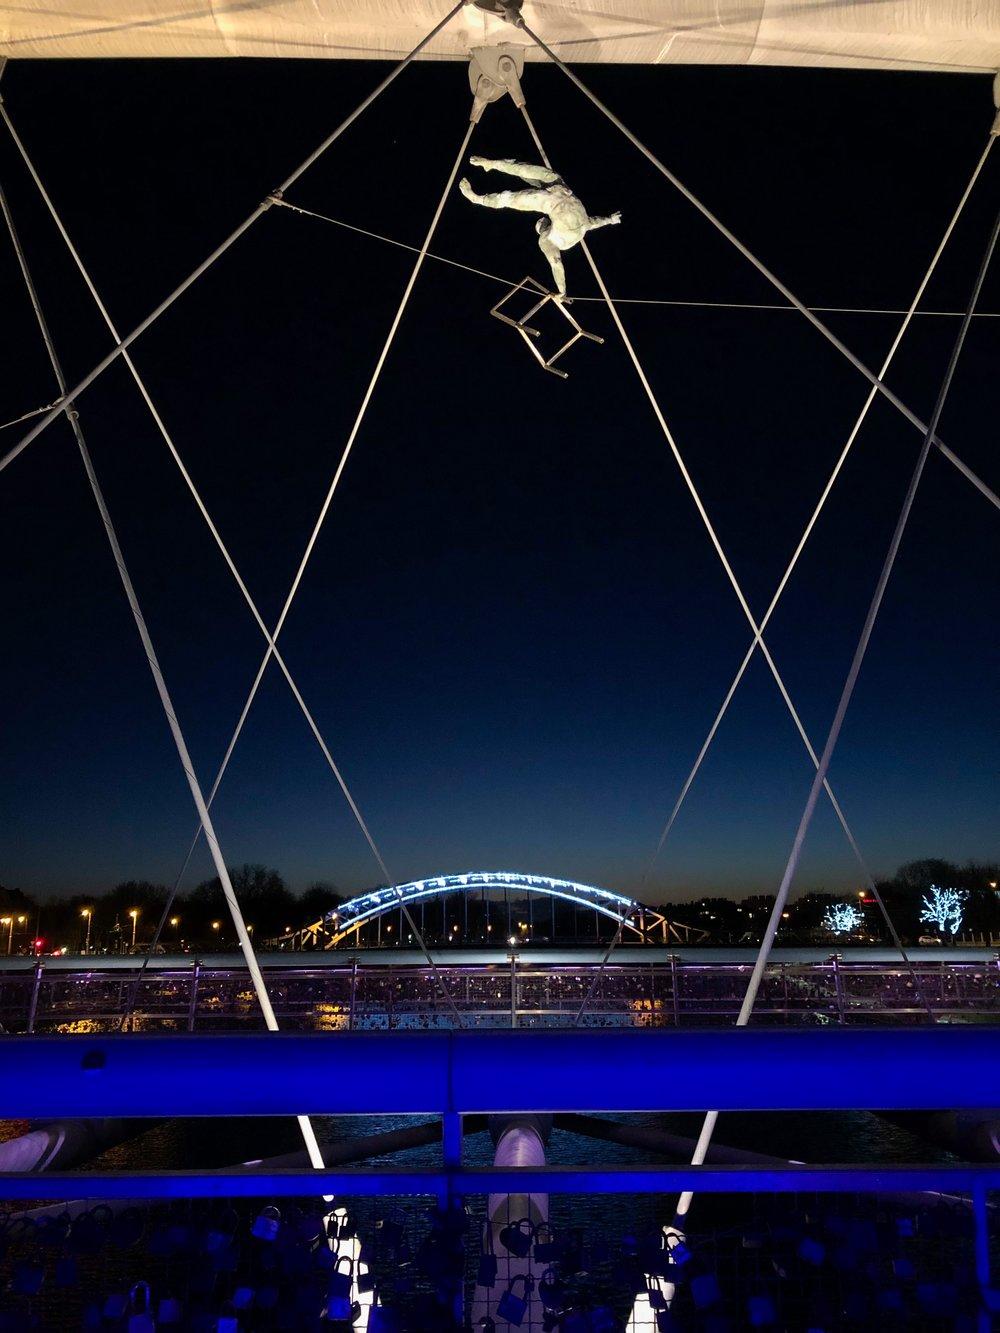 The Bernatka Footbridge in Krakow. ©Bobby Magill